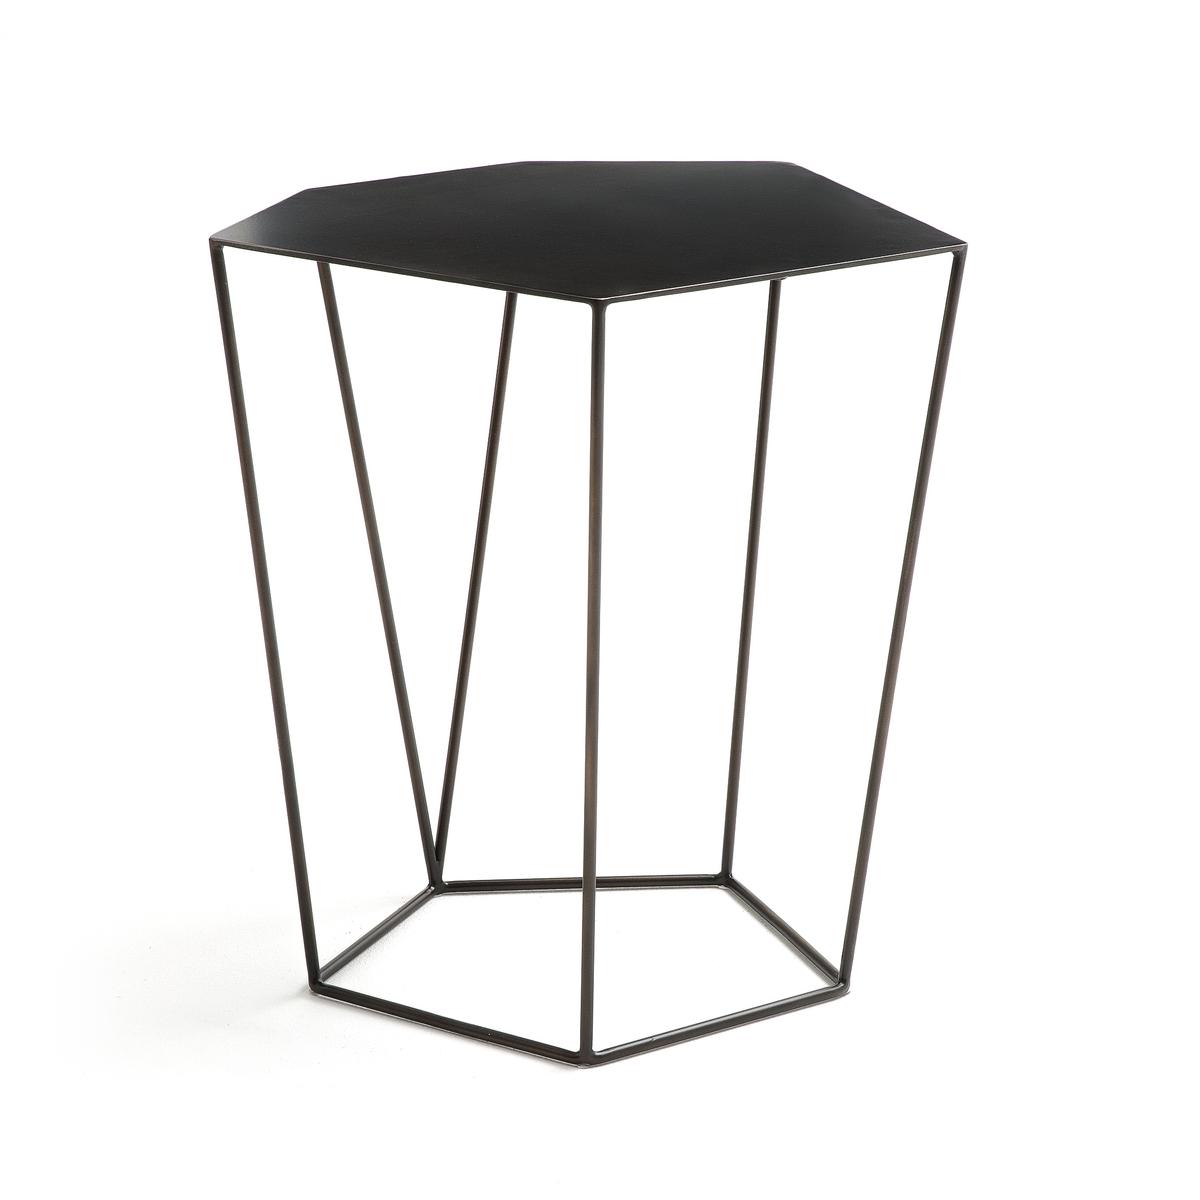 Столик журнальный металлический, В50 см, DisicoleЖурнальный столик Disicole. Оригинальная шестиугольная столешница. Сочетается со столиком  В40 см Disicole, продающимся на нашем сайте.Характеристики :- Из металла с состаренным эффектом- Поставляется в собранном видеРазмер :- Ш.46,7 x В.50 x Г.38,2 см, 6 кгРазмеры и вес упаковки:- Ш.58,1 x В.56,5 x Г.49,5 см, 11,5 кг<br><br>Цвет: темно-серый металл